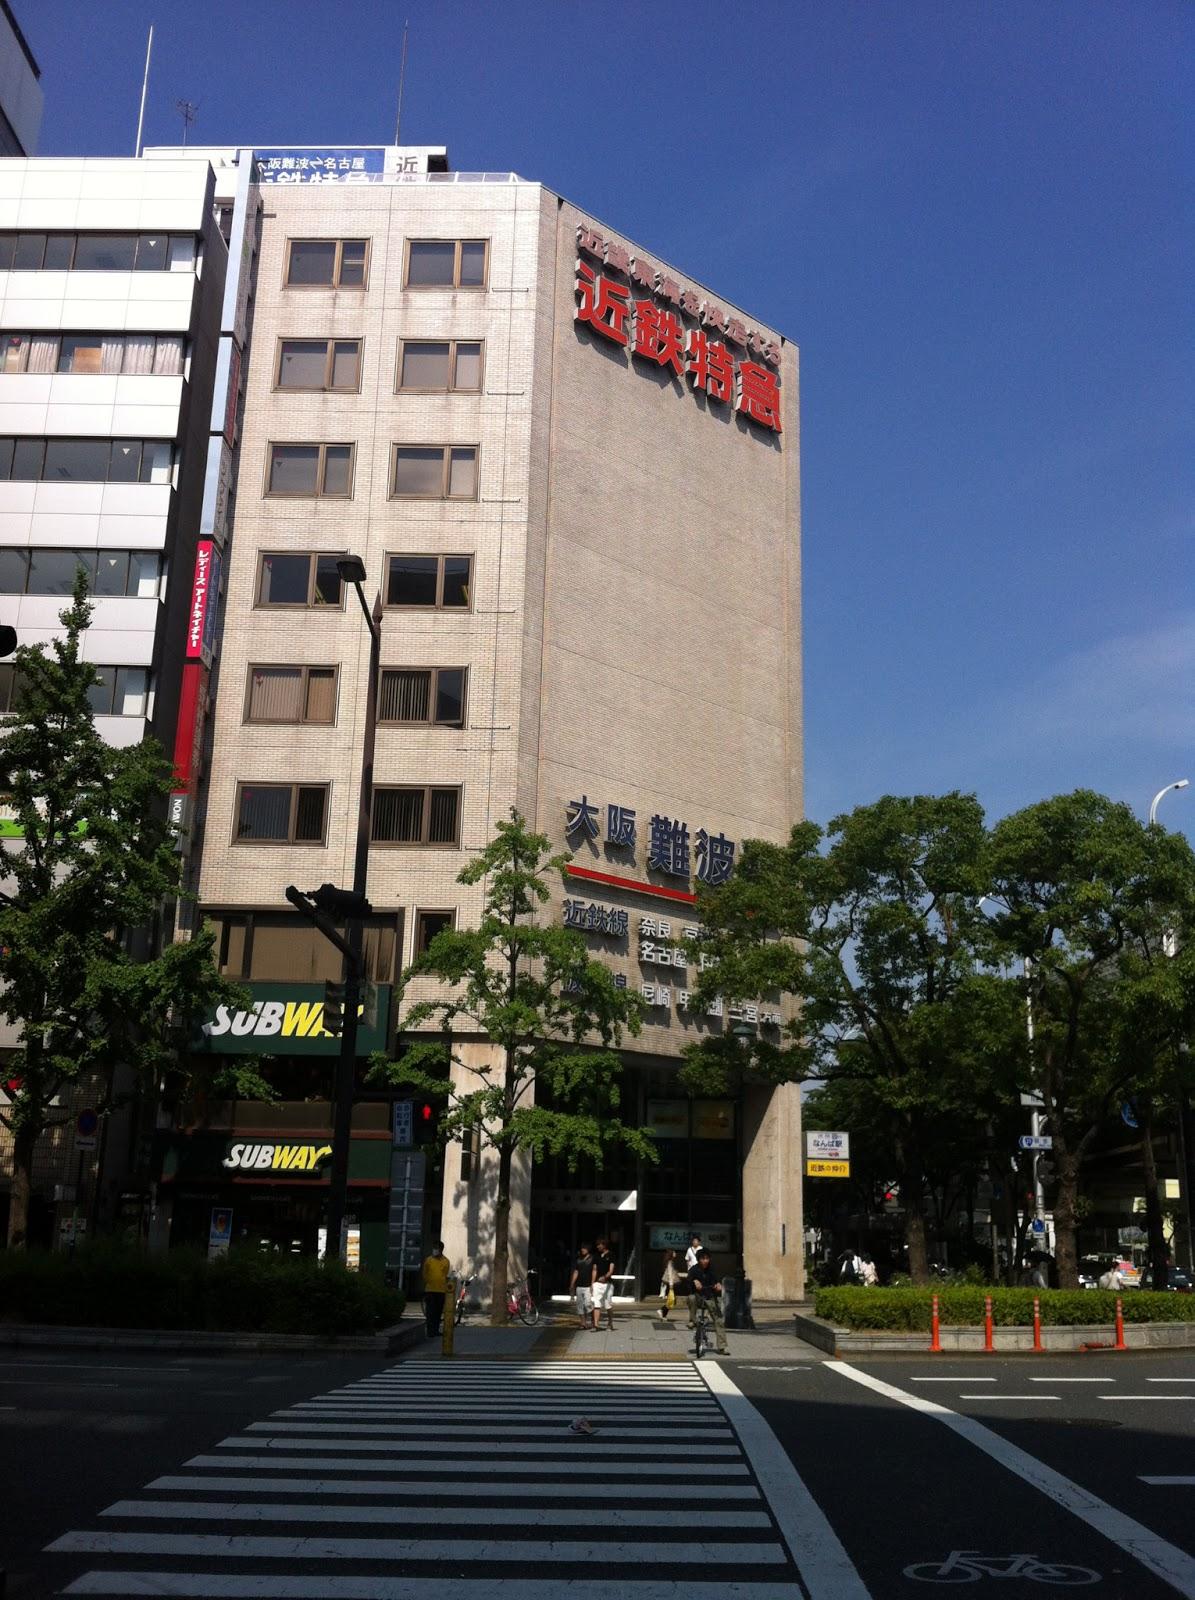 庫德的胡言亂語: 2013/06 - 大阪神戶自由行 - Day 2